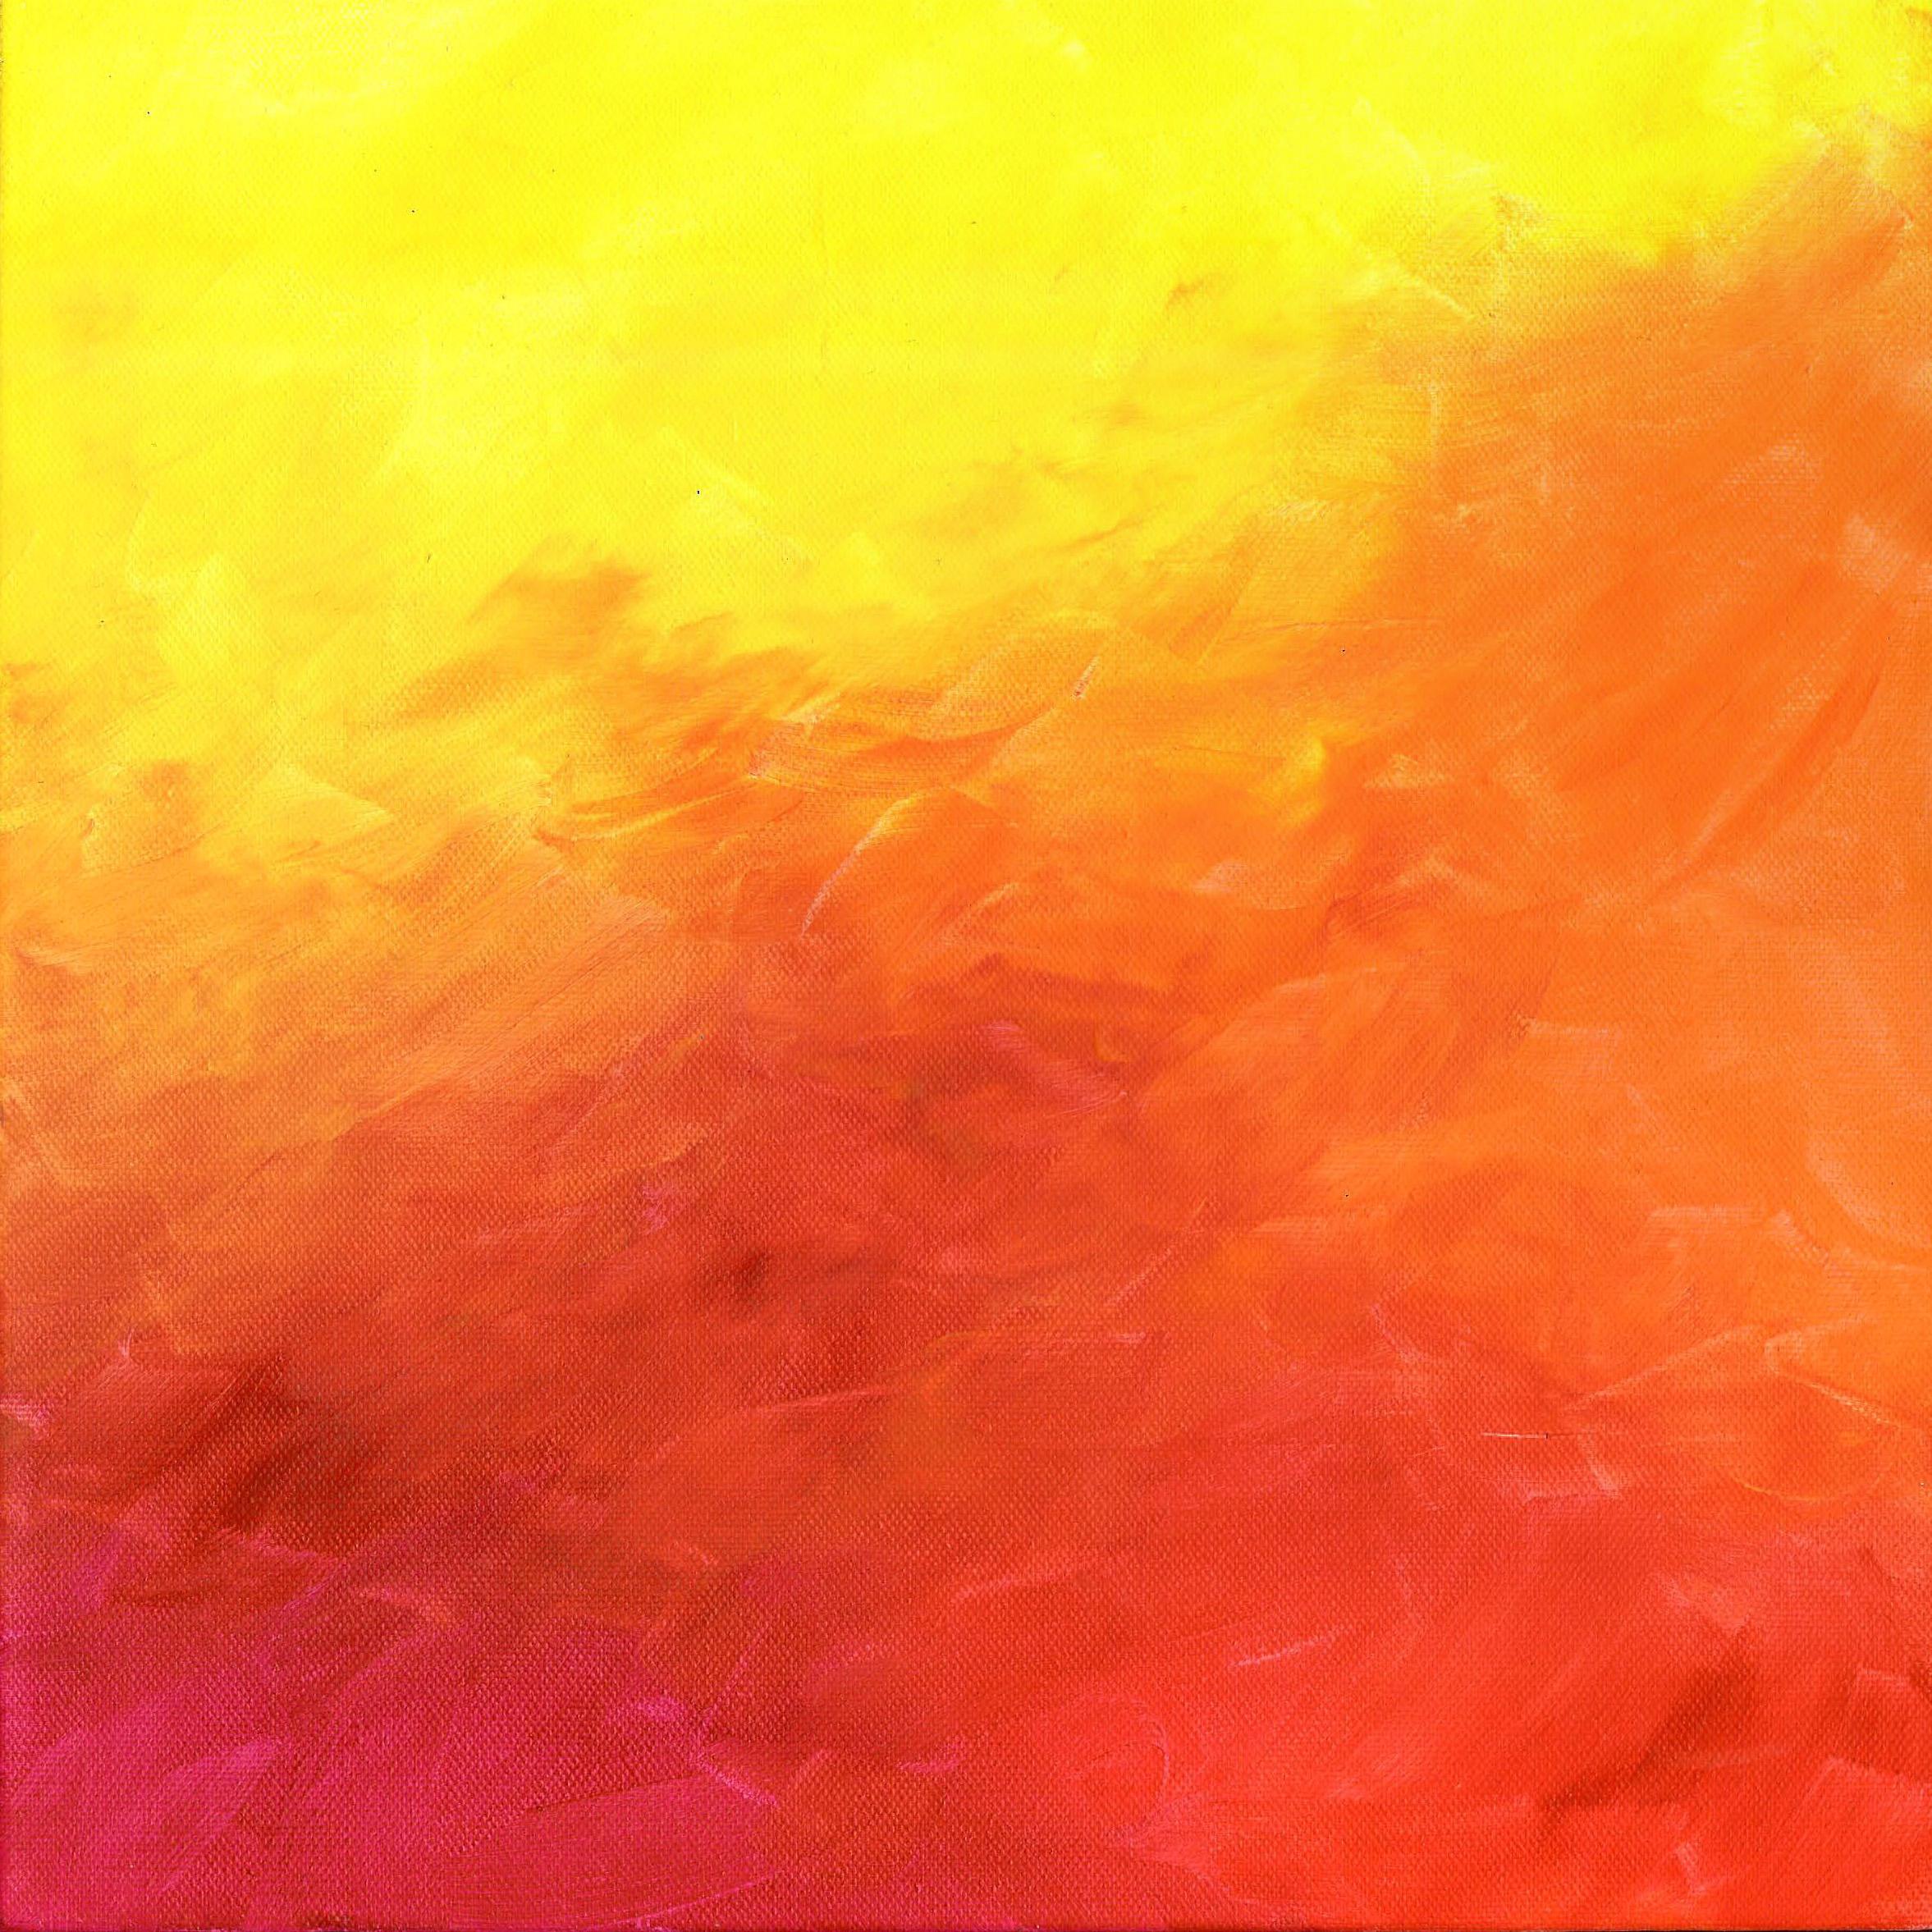 Simply Warm - Acrylic 12 X 12 - $125